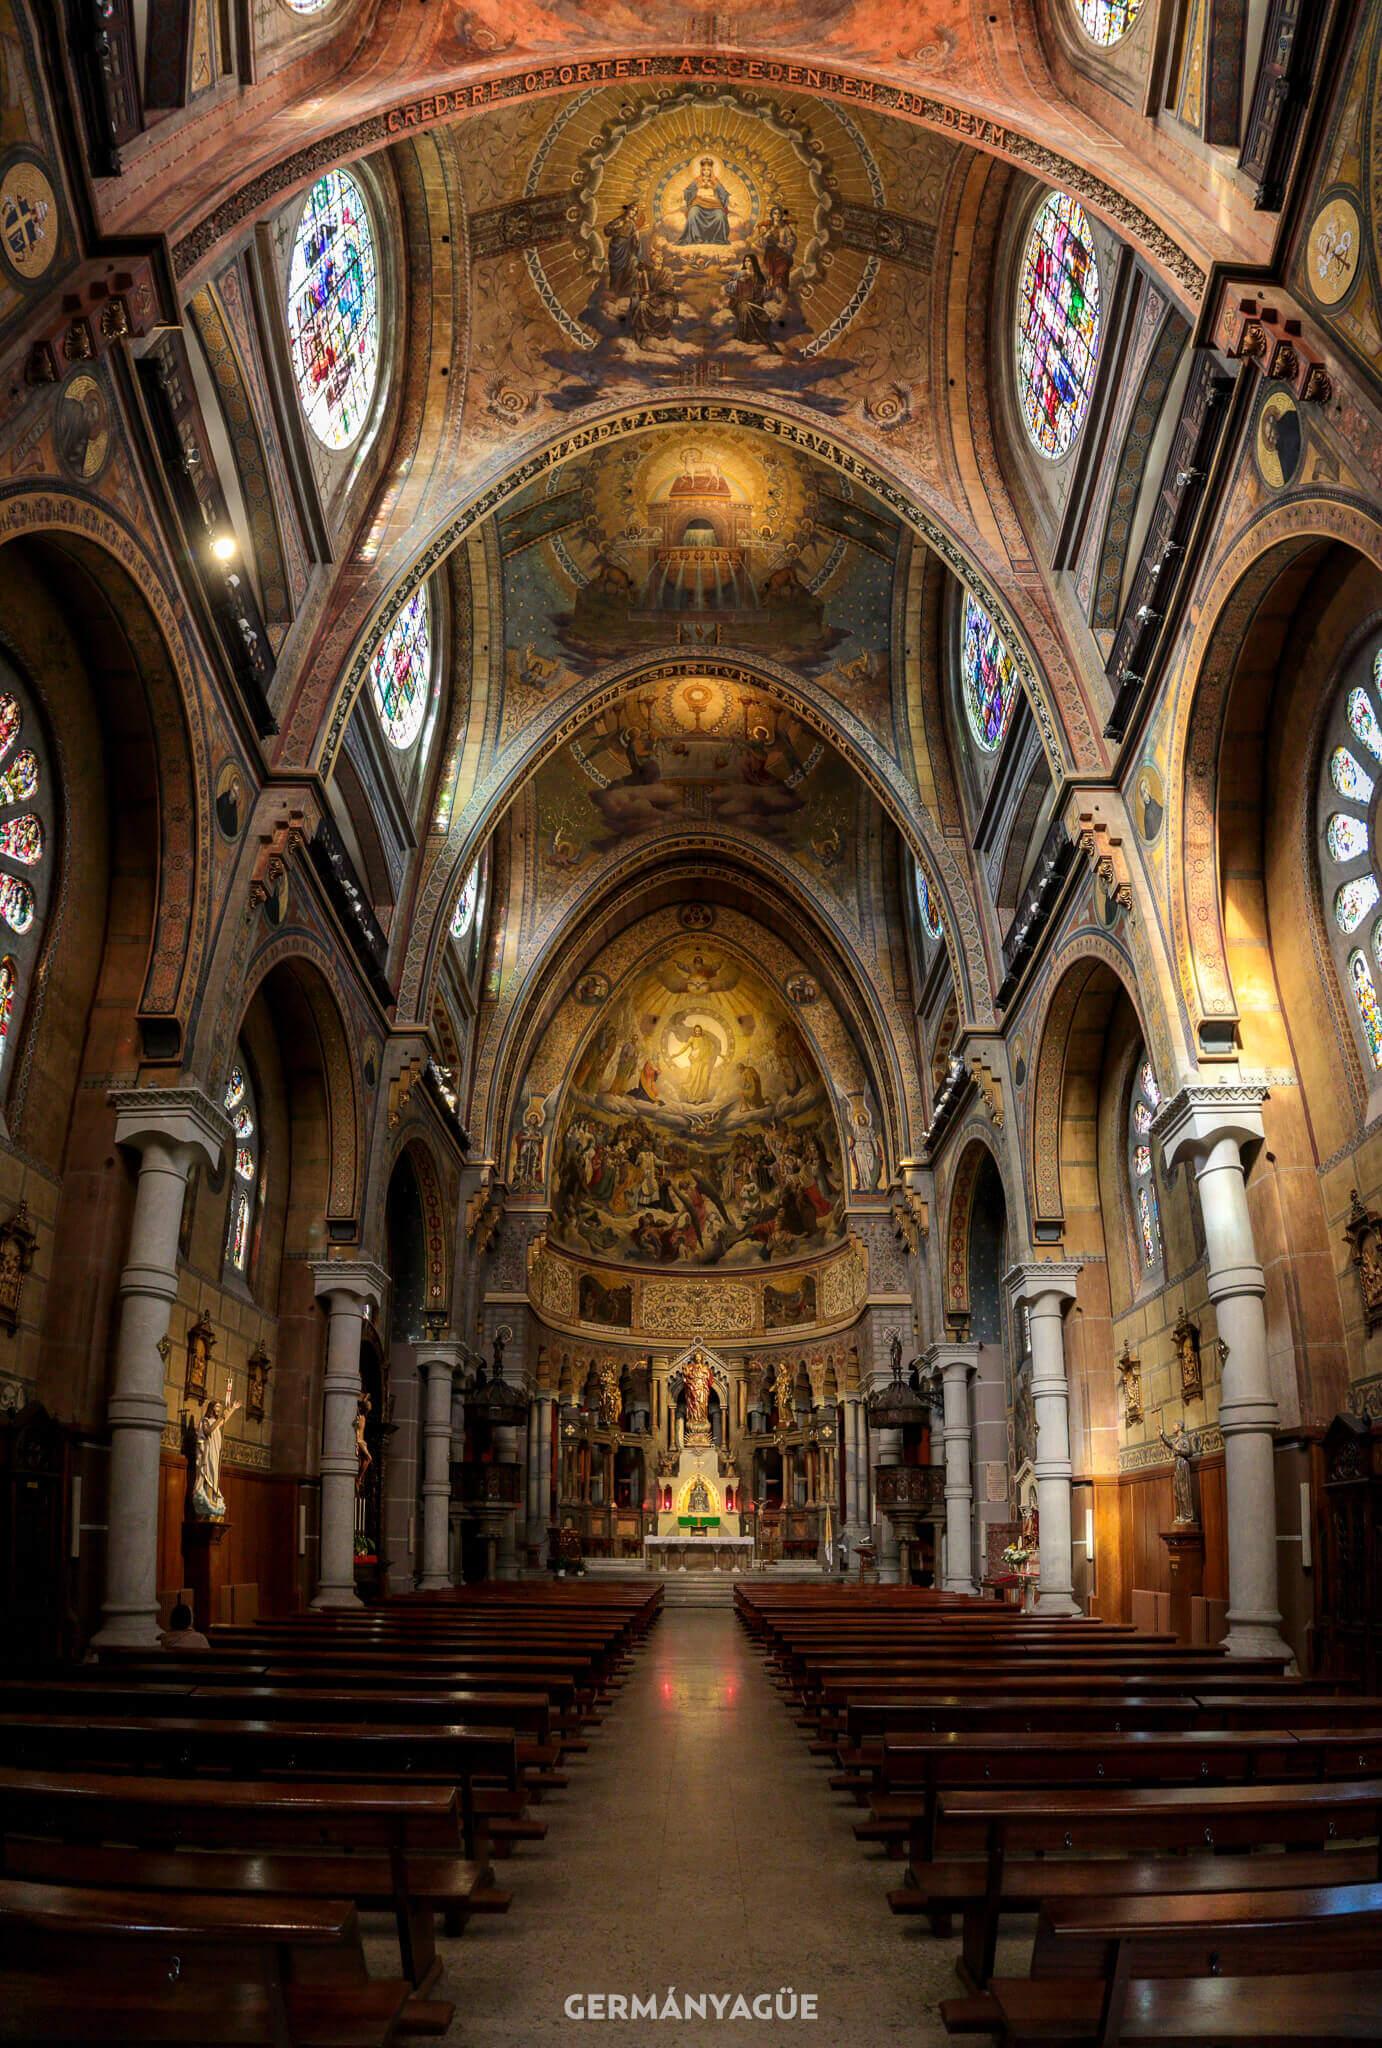 La Basílica reabre sus puertas este lunes 11